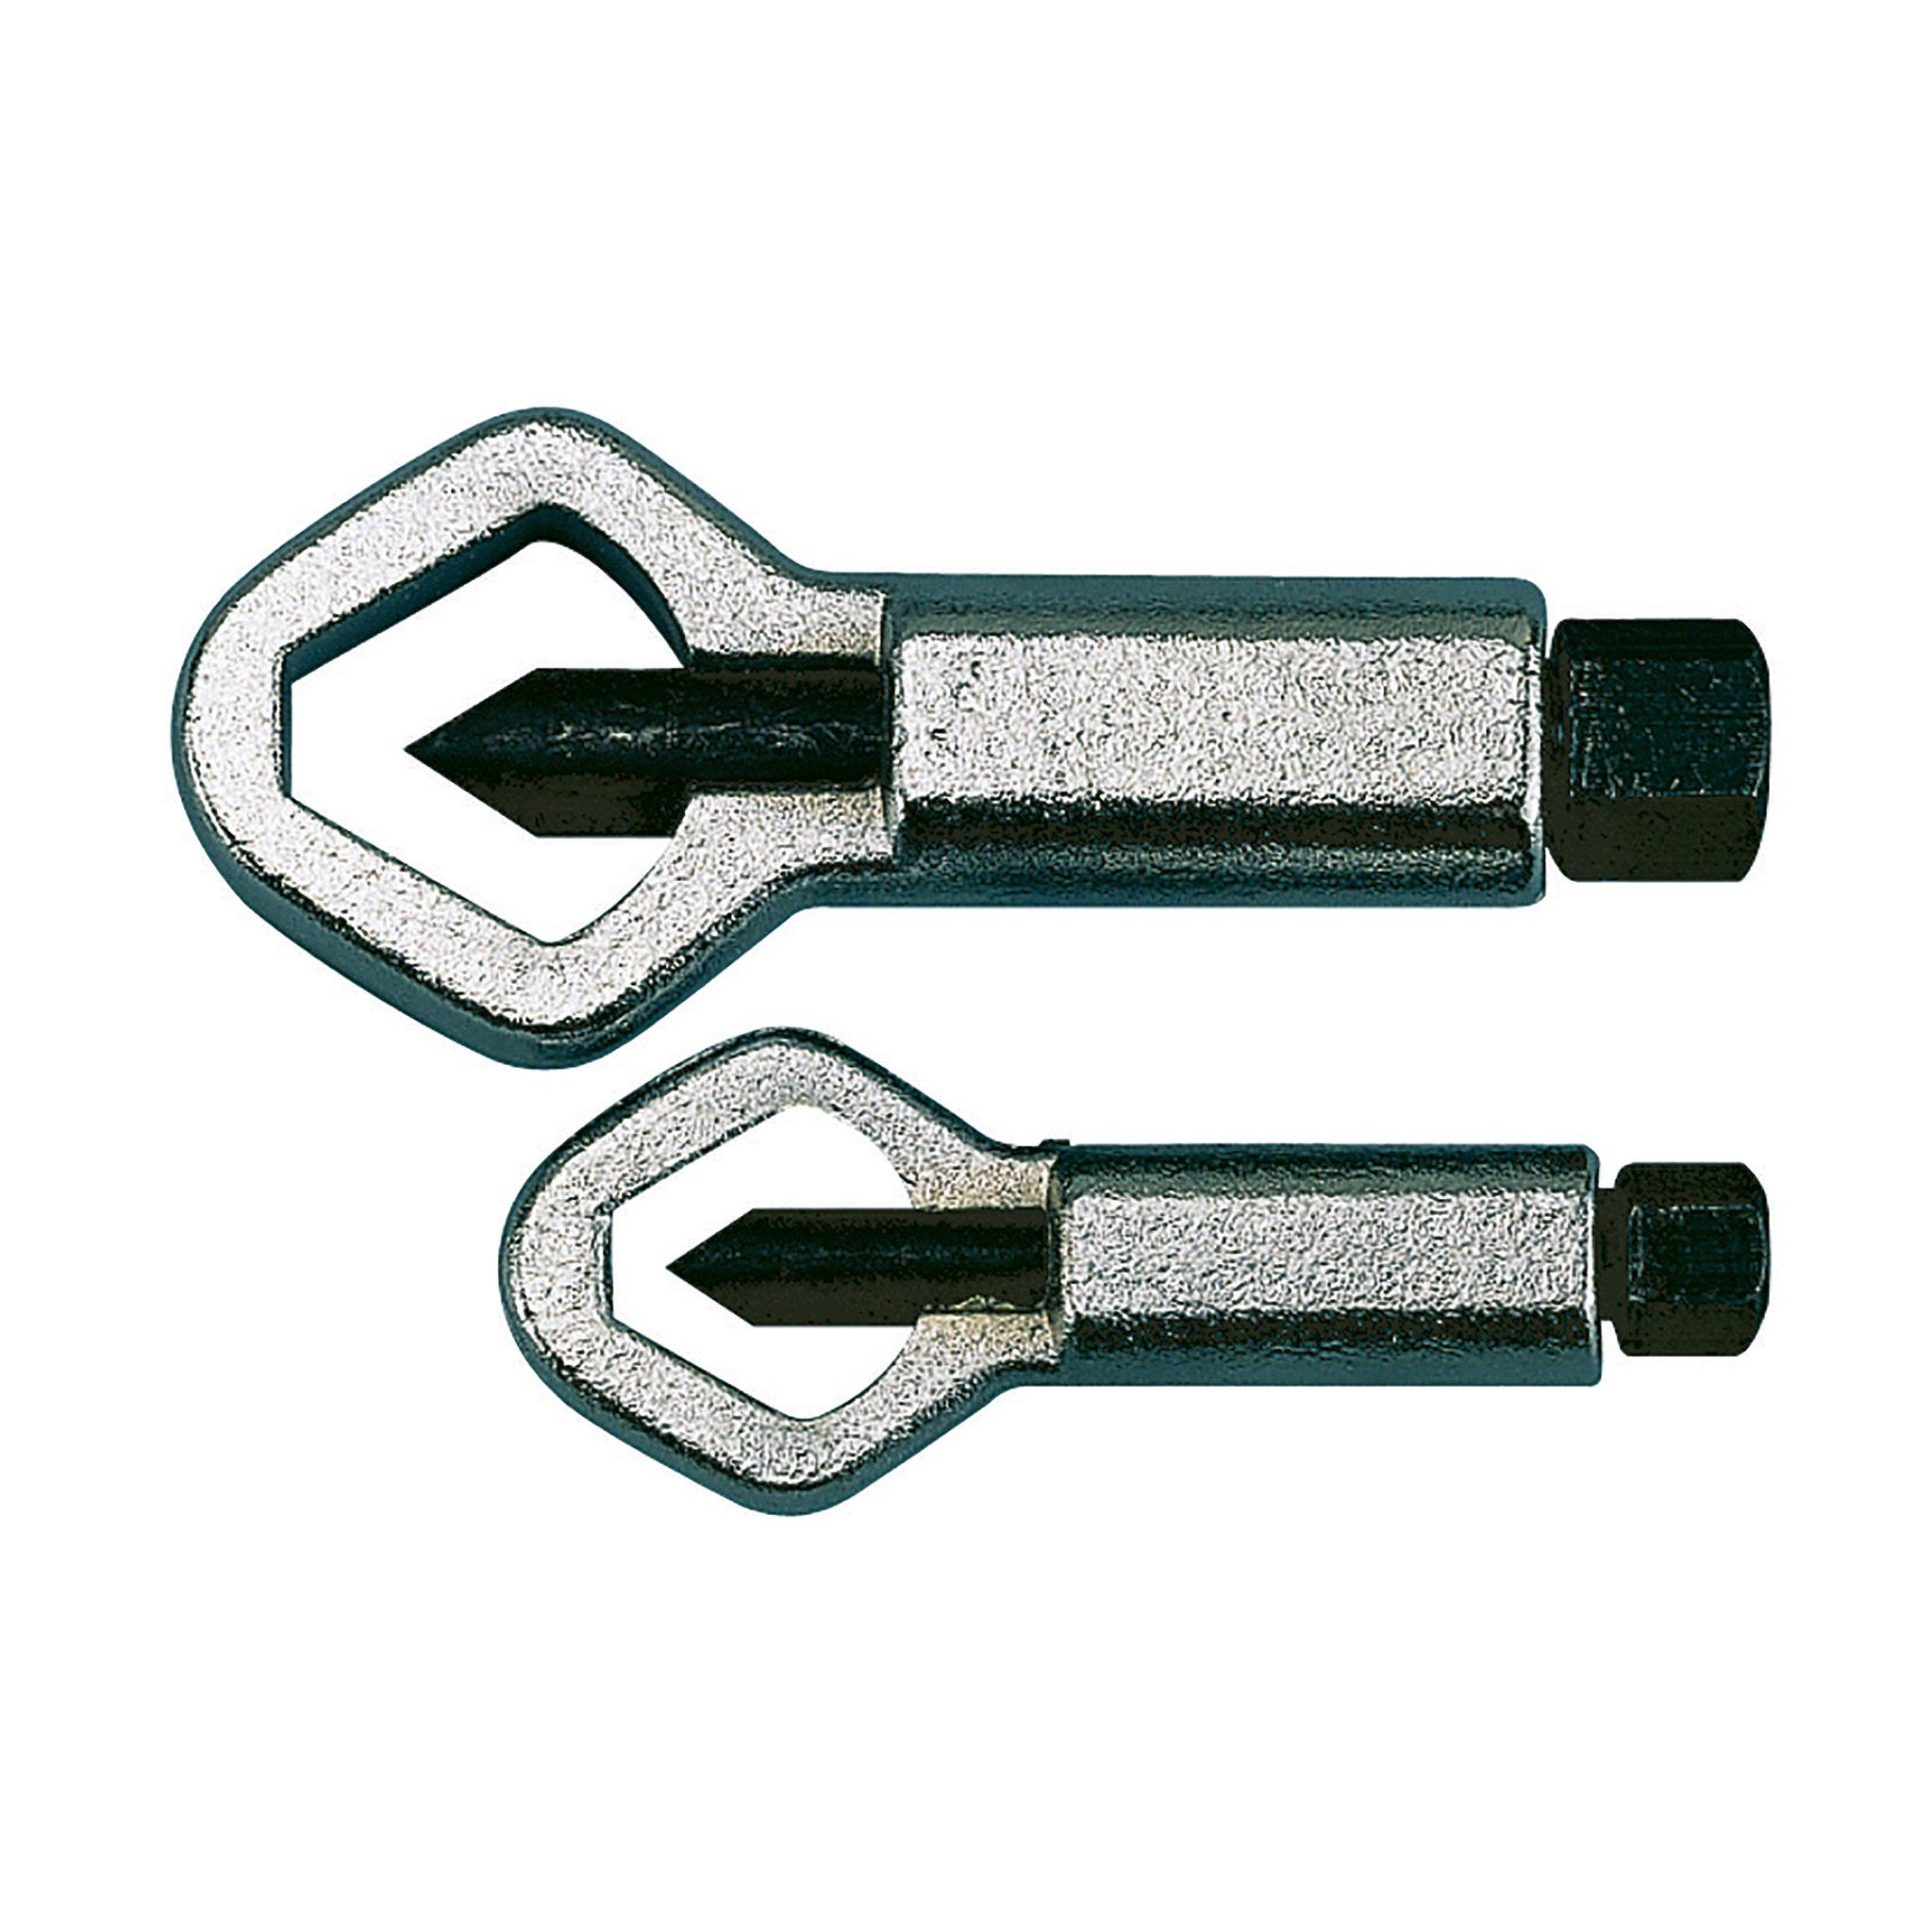 Teng Tools 2 Piece Nut Splitter Set - NS02